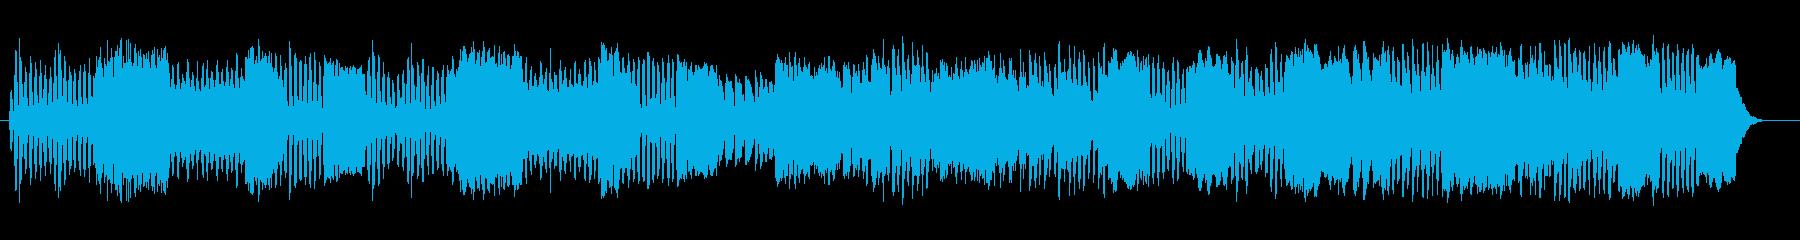 軽快なミディアムテンポのマーチの再生済みの波形